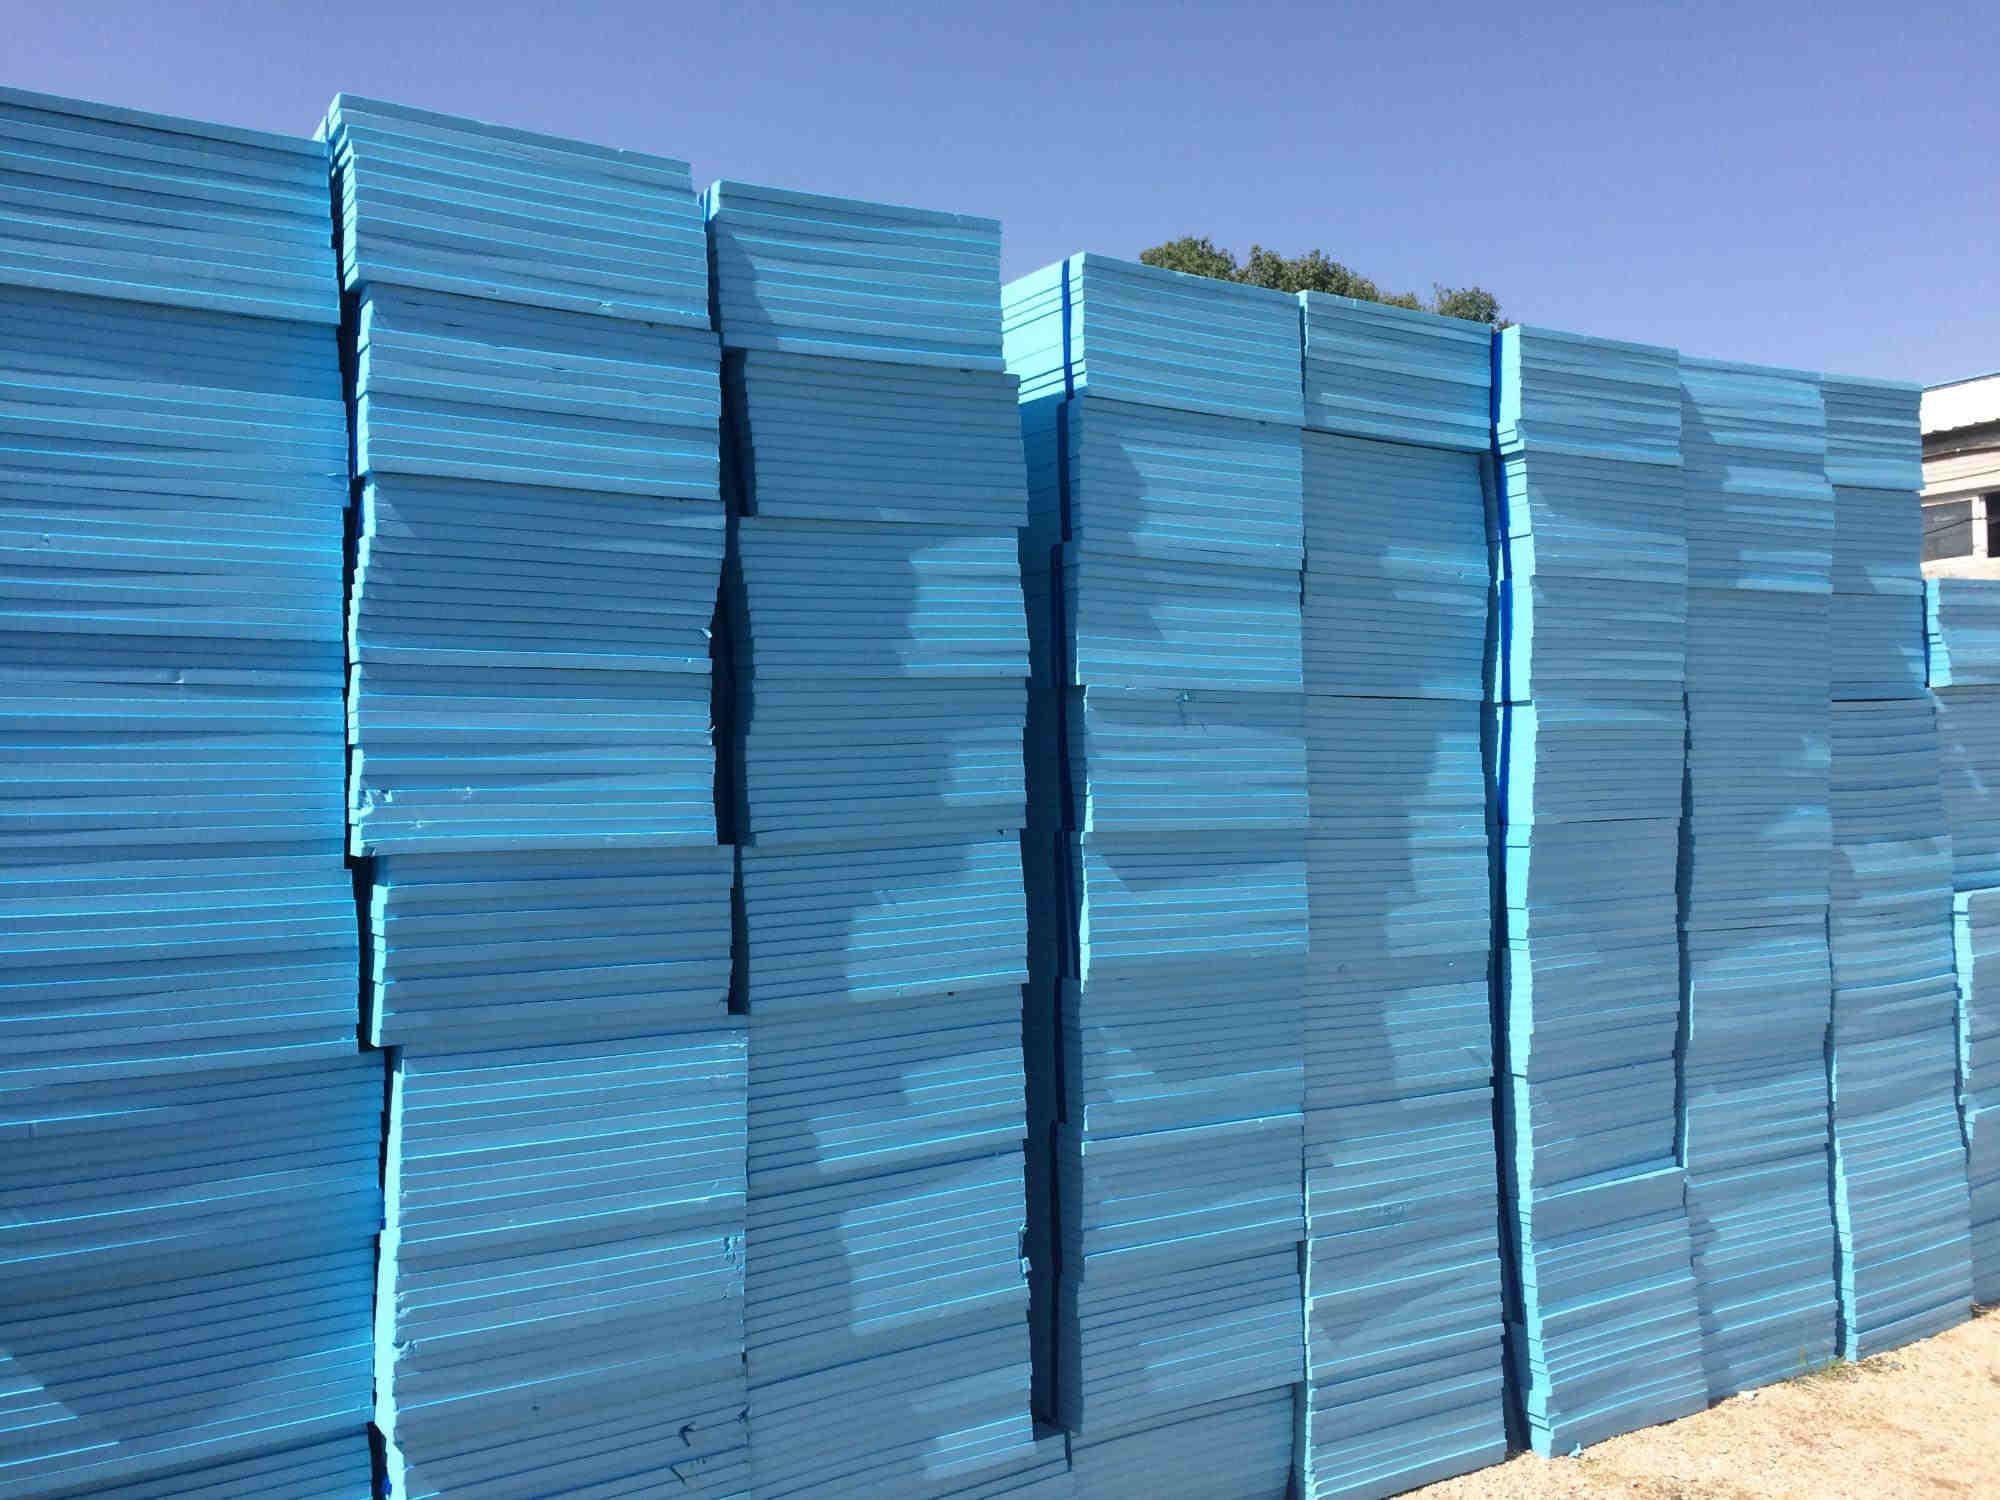 挤塑板厂家分享成都挤塑板的应用领域和保温优势